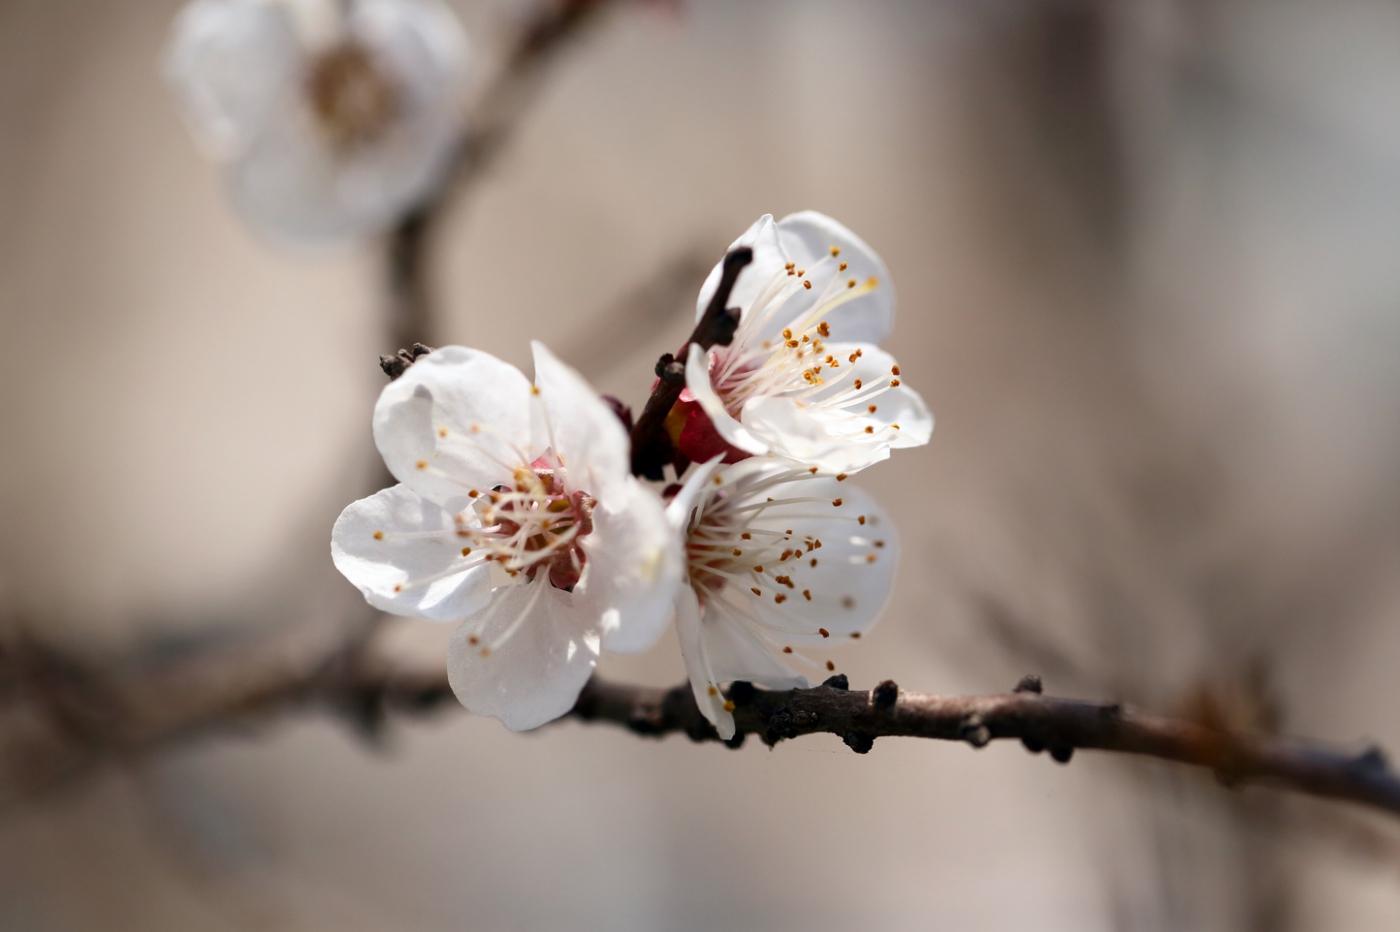 感受春天的节奏_图1-5